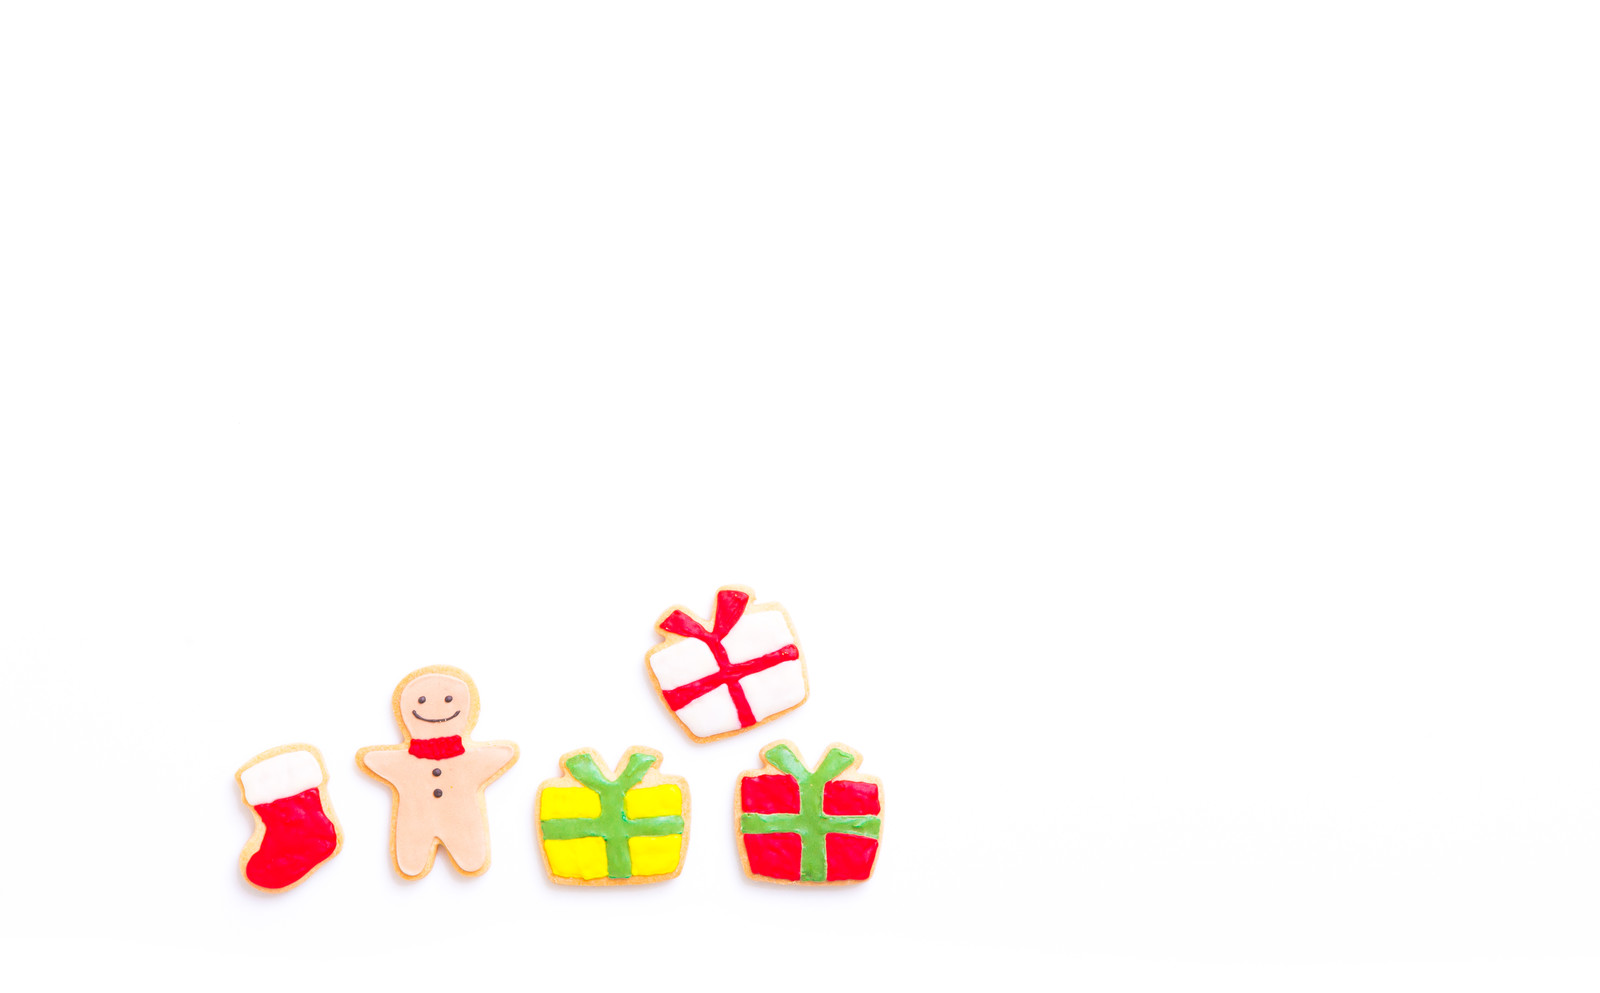 「クリスマスのプレゼントいっぱい(アイシングクッキー)」の写真